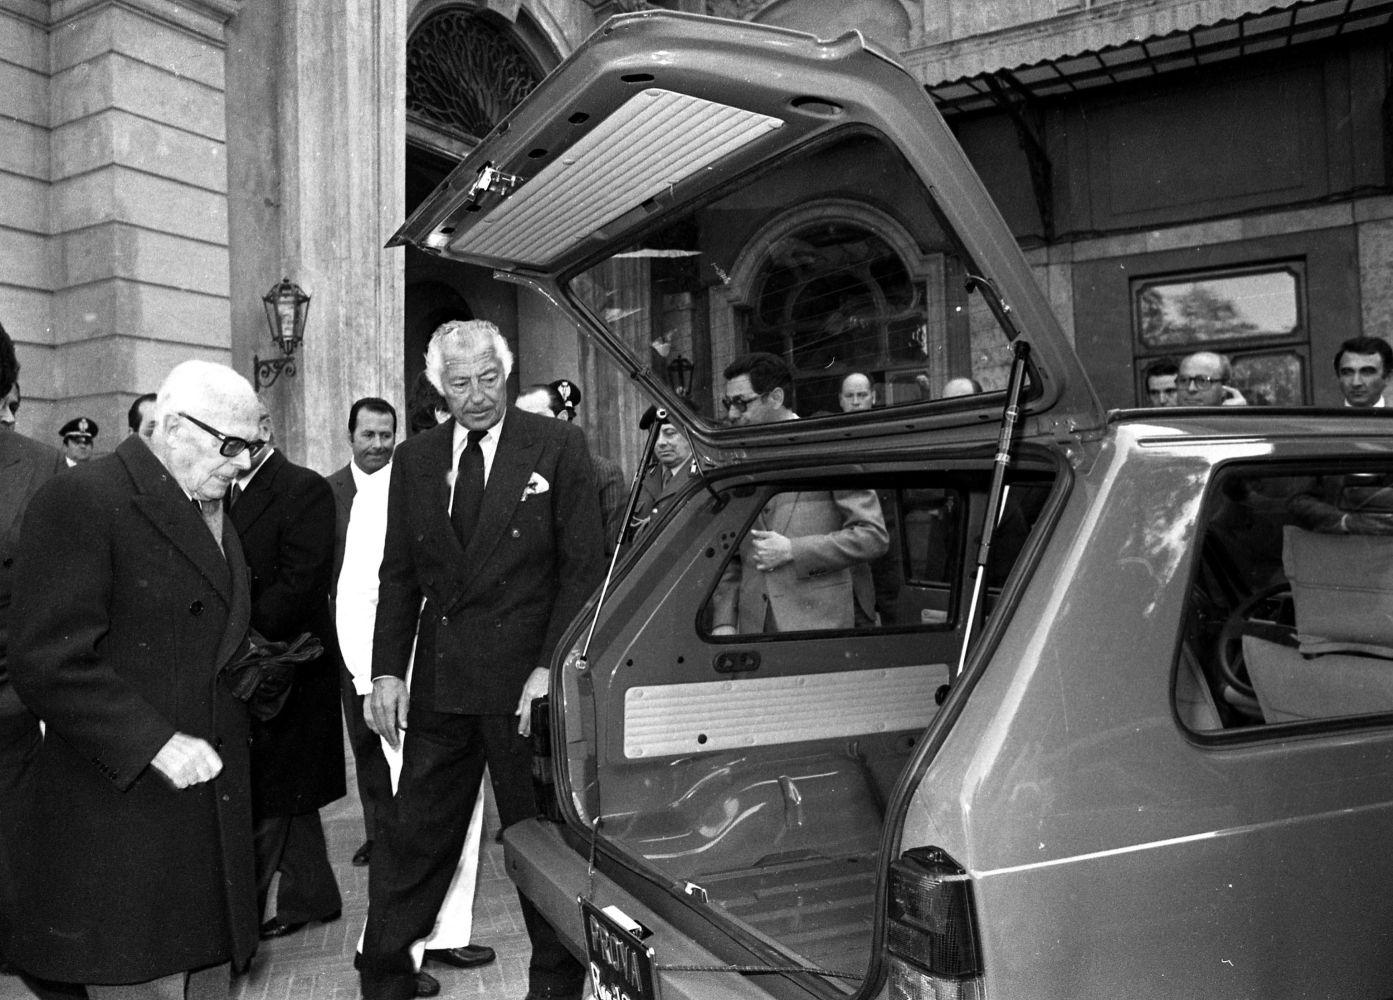 Il presidente di Fiat Auto, Gianni Agnelli (al centro), presenta la Panda al presidente della Repubblica Italiana, Sandro Pertini (a sinistra), nei giardini del Palazzo del Quirinale a Roma, 26 feb_ fot Ansa Archivio 95275